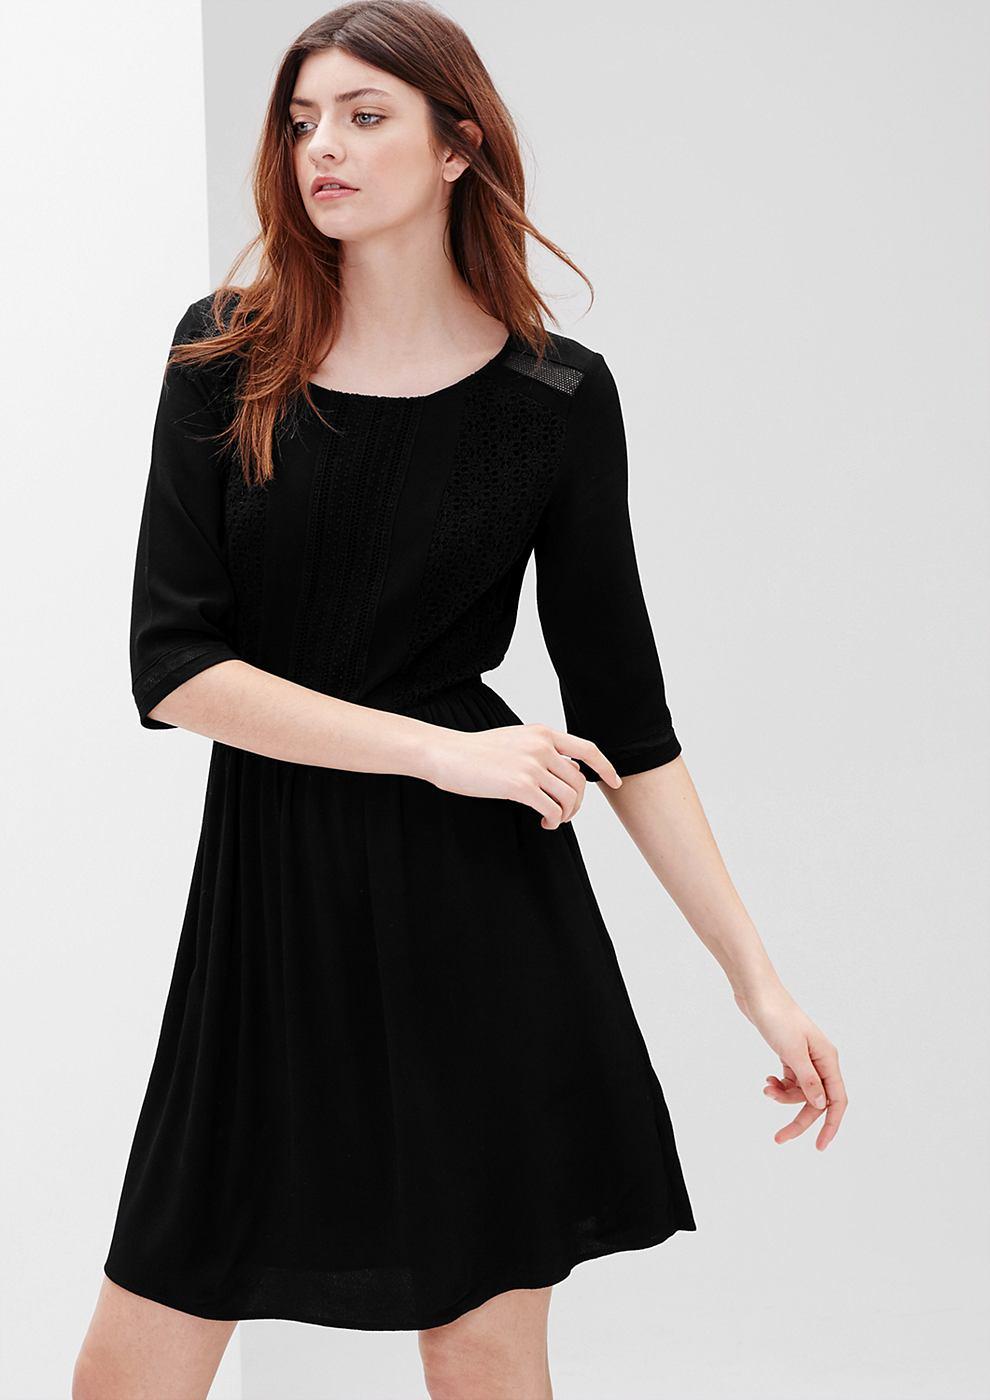 s.Oliver Crepe jurk met gehaakte kant zwart